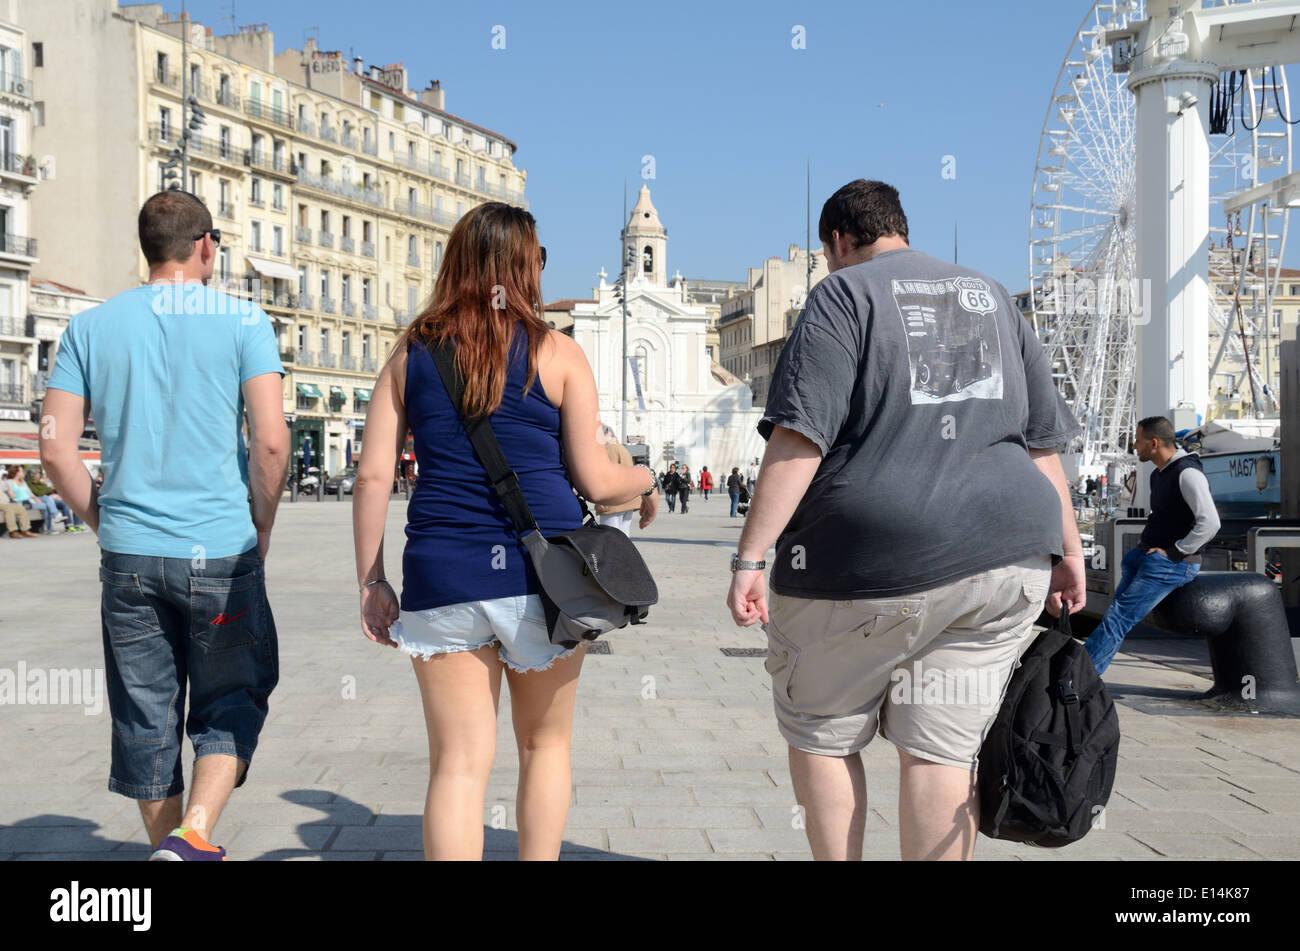 Tres jóvenes, incluidos los grandes obesos Fat Man Walking en Quai du Port Puerto Viejo de Marsella Francia Imagen De Stock